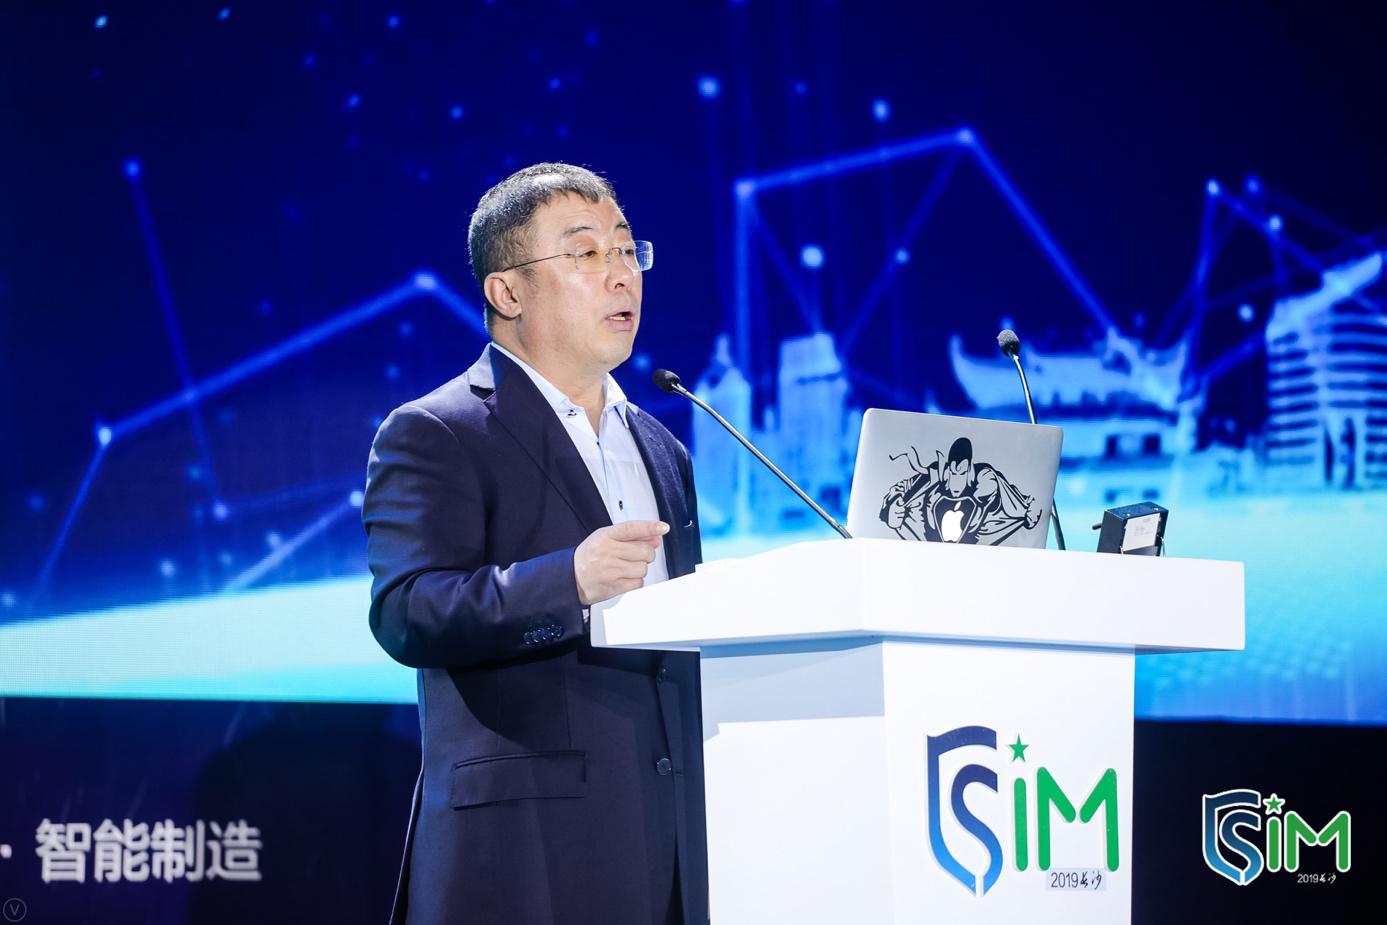 齊向東:制造業智能轉型需內生安全來保障